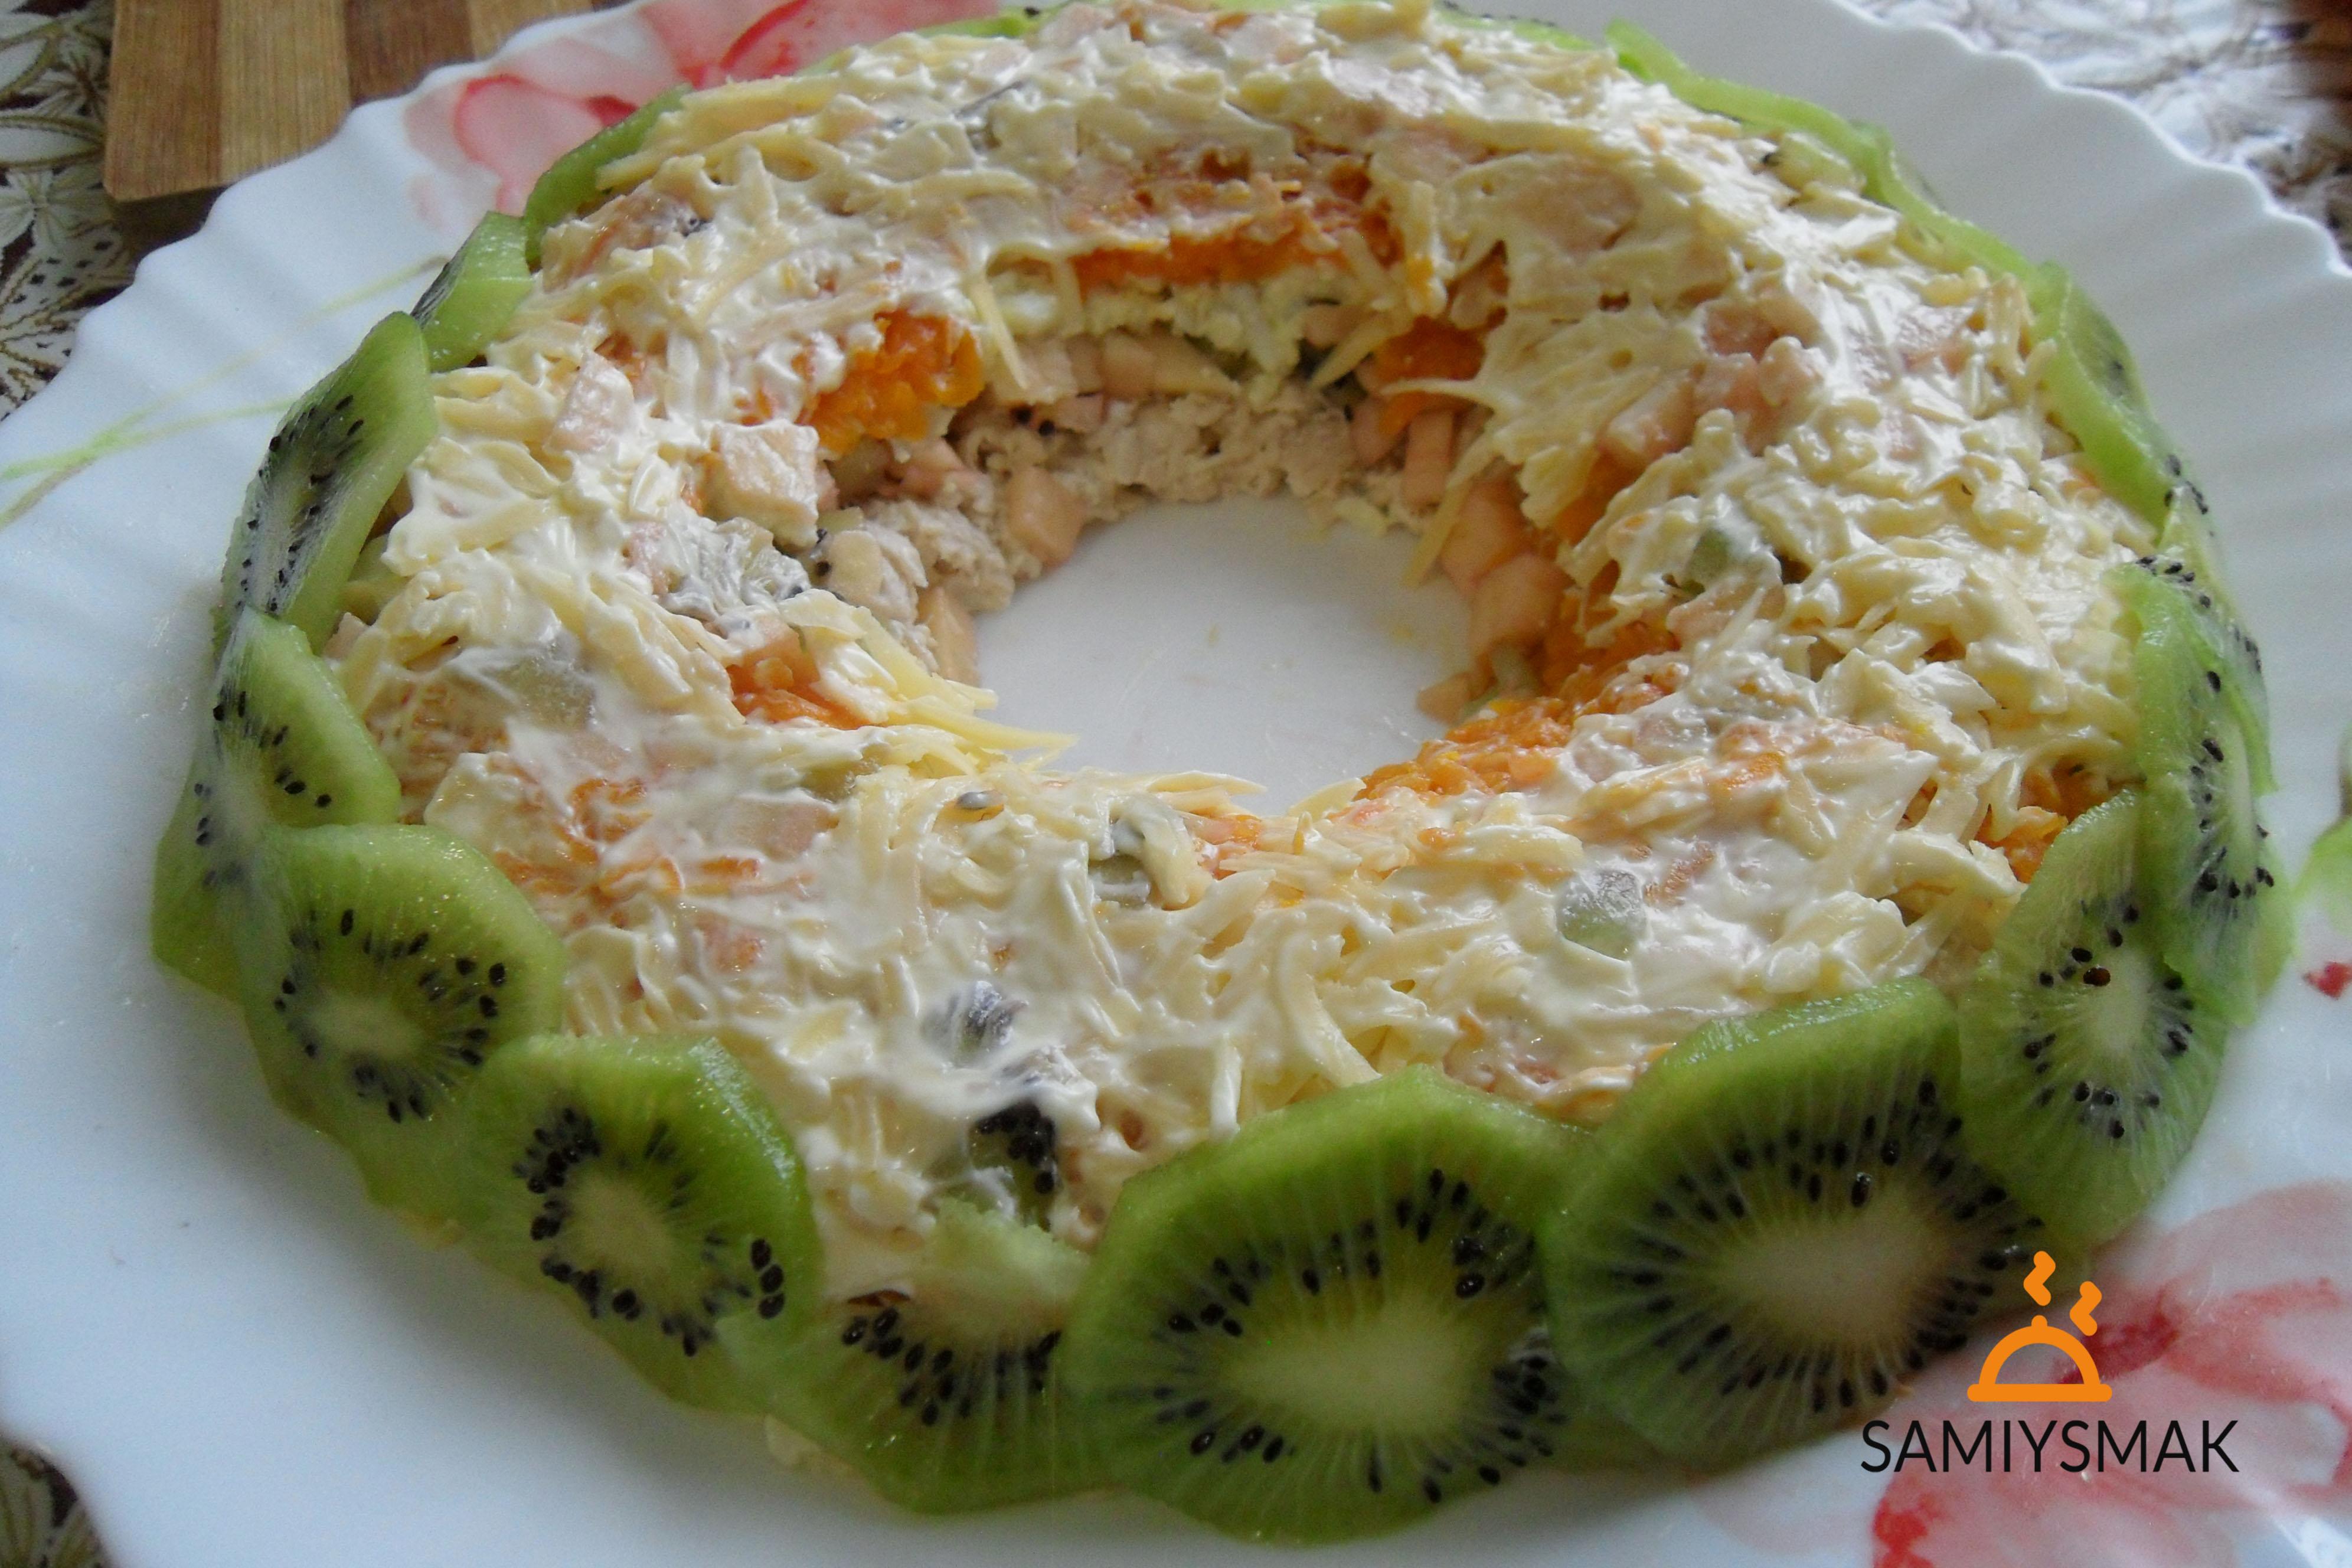 салат малахитовый браслет с киви фото рецепт обычная каша